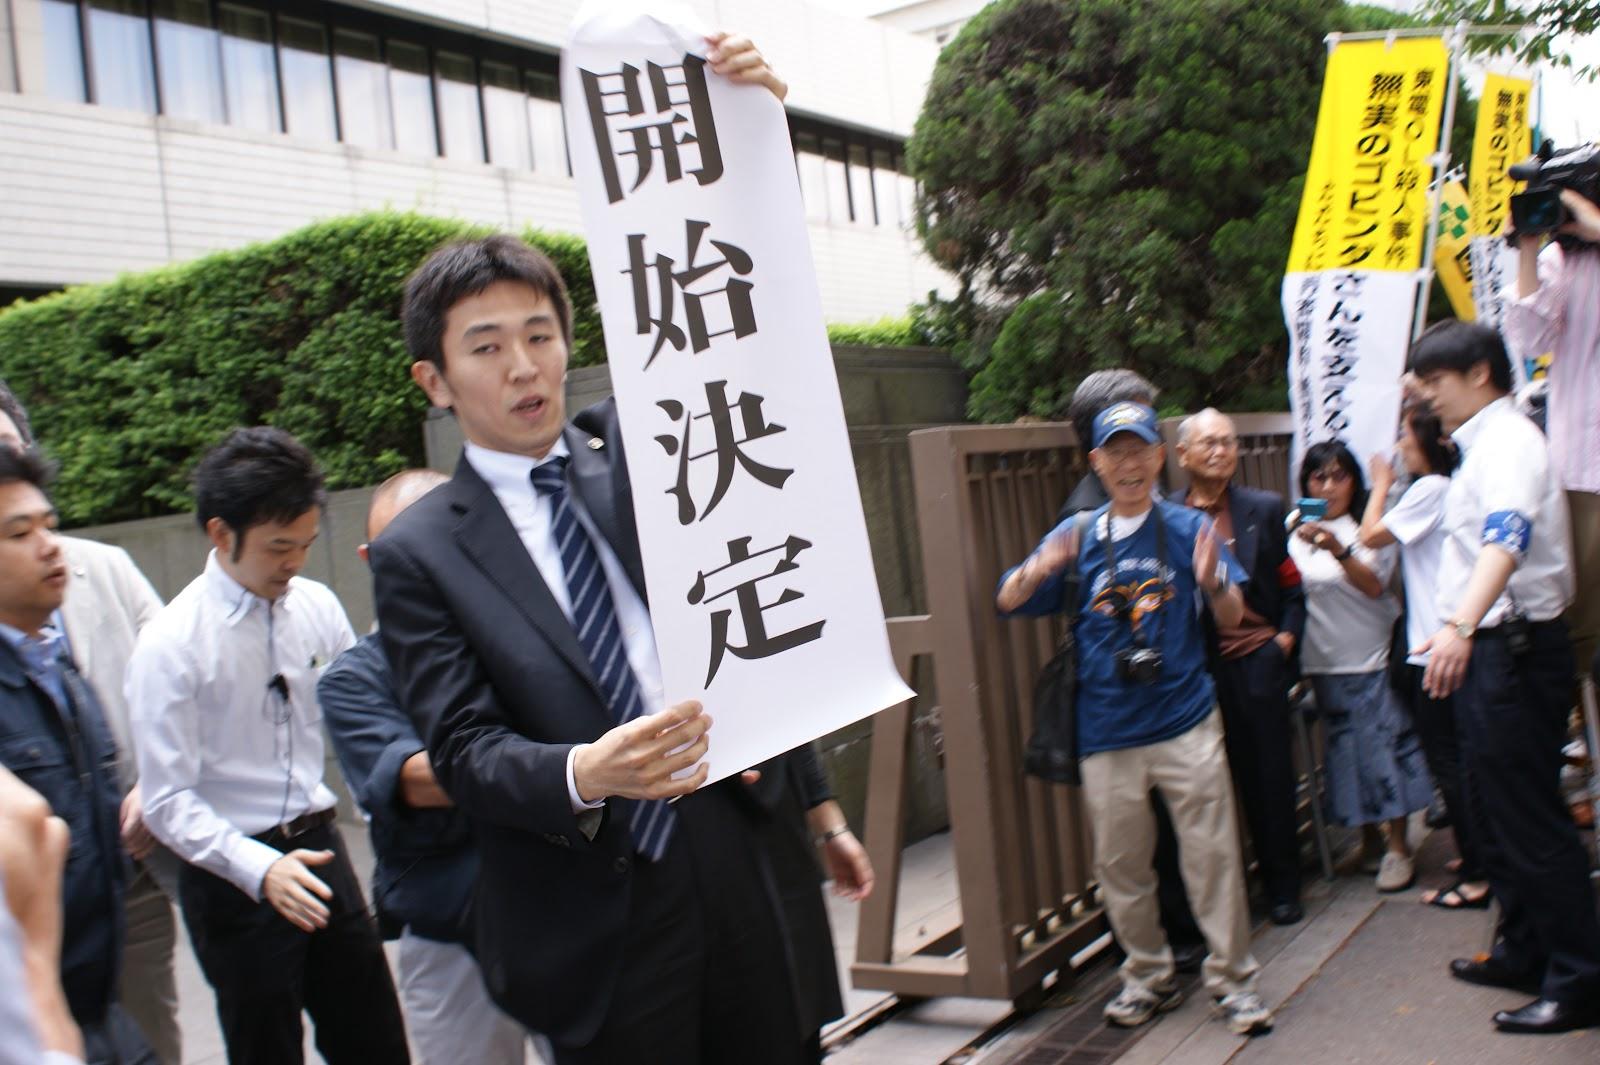 東電OL殺人事件の売春婦は替え玉だ - 橋本さんのブログ